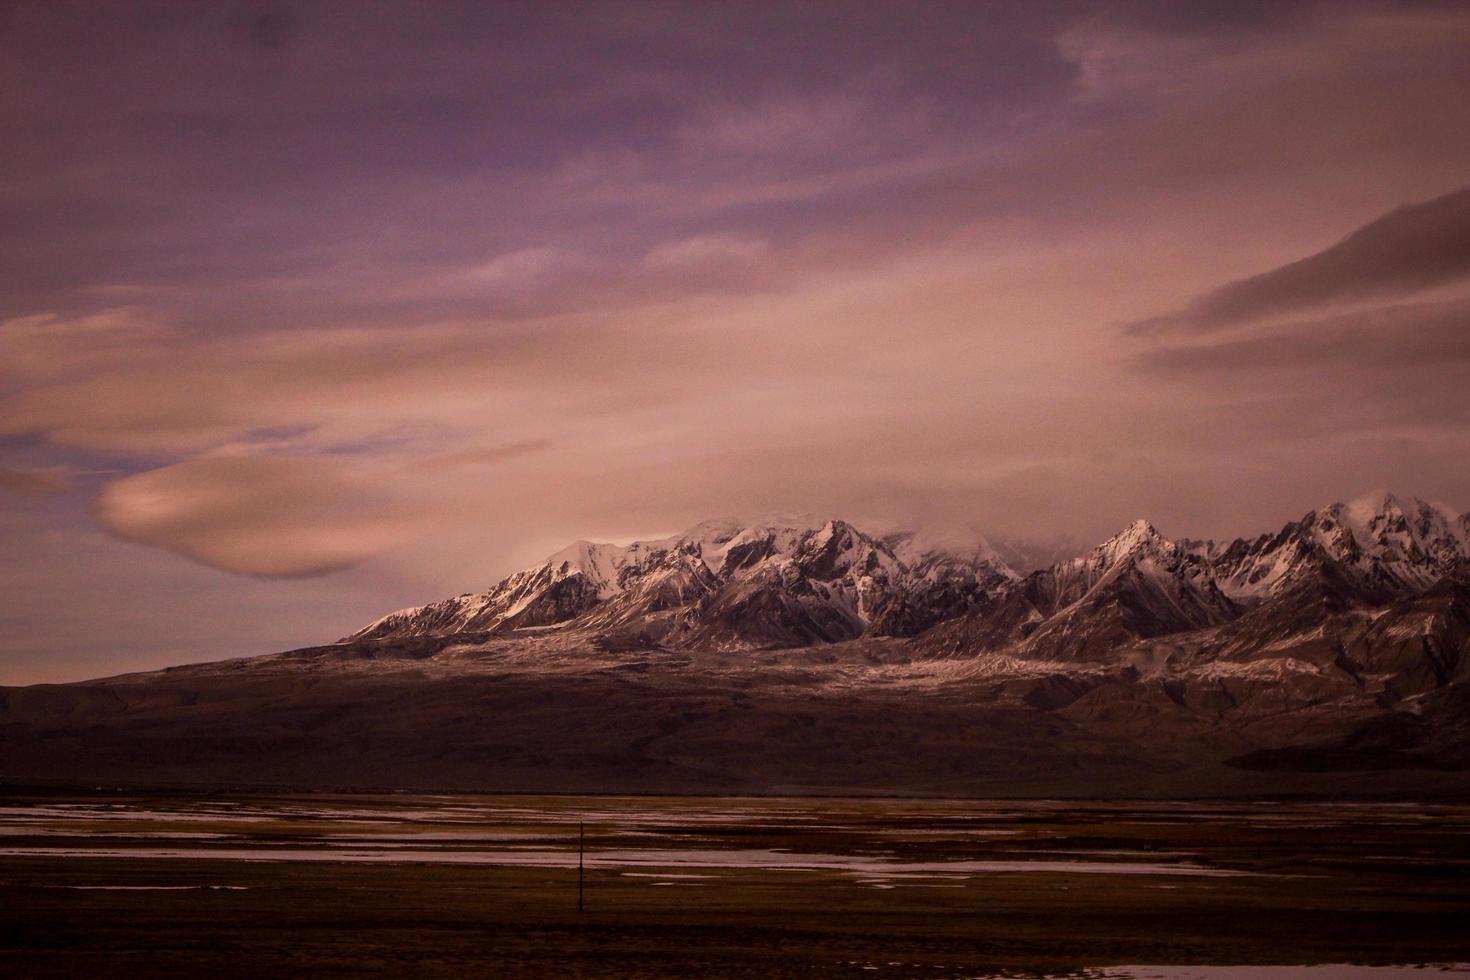 montagnes au crépuscule du soir photo